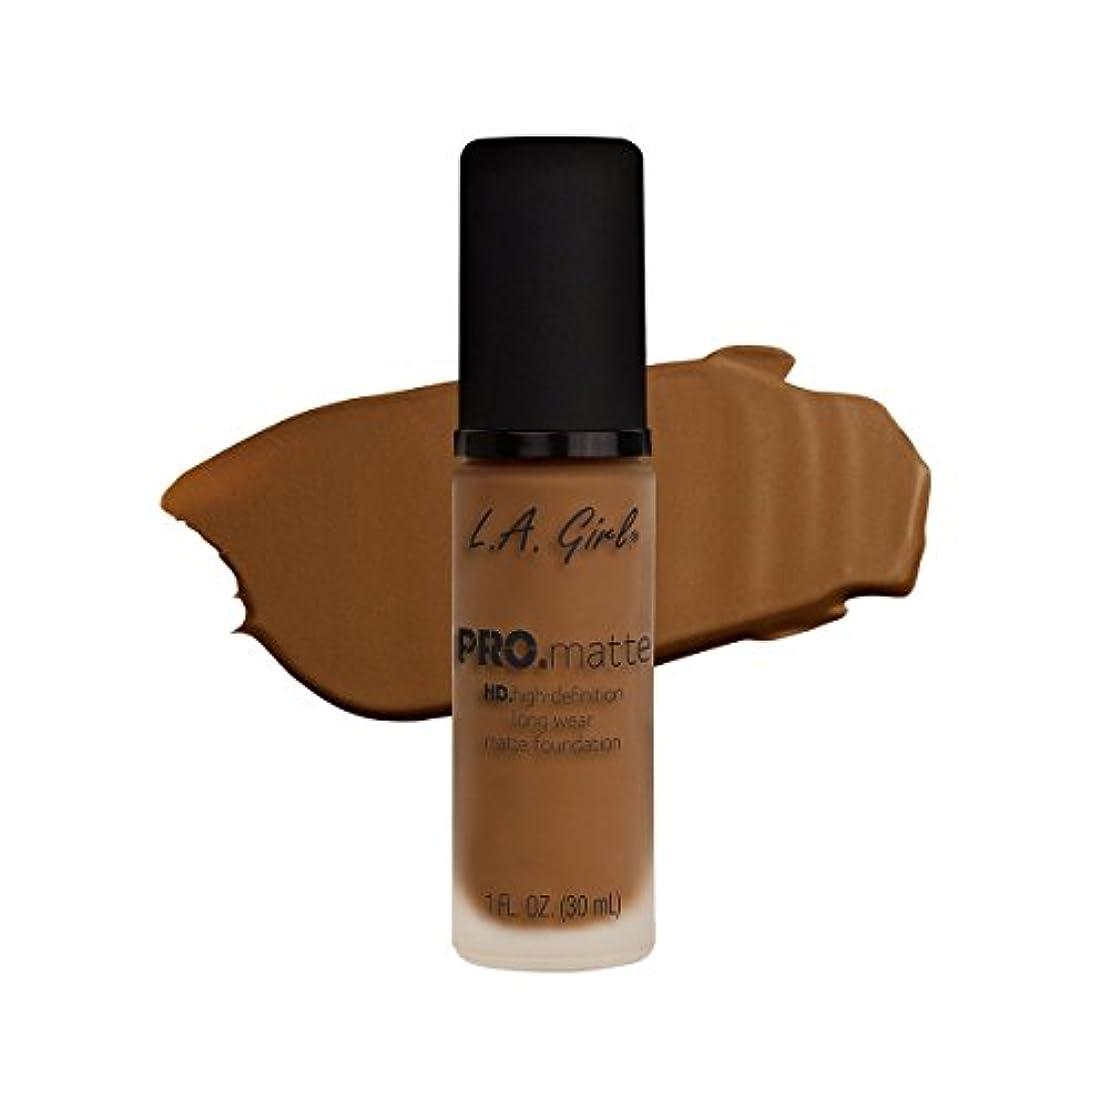 郵便番号原理アマチュア(6 Pack) L.A. GIRL Pro Matte Foundation - Nutmeg (並行輸入品)